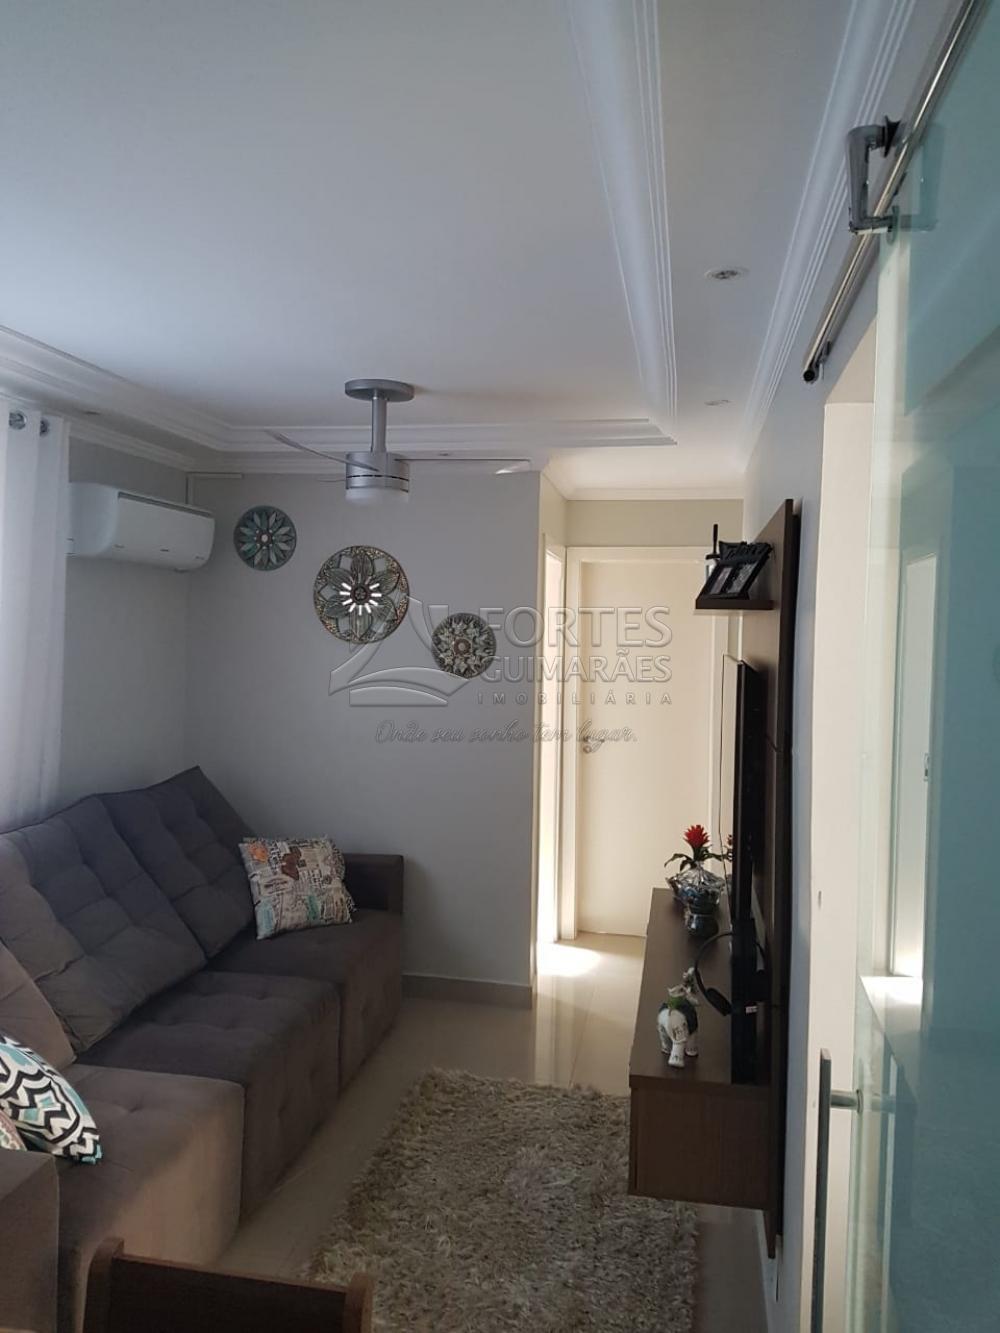 Alugar Apartamentos / Padrão em Ribeirão Preto. apenas R$ 1.050,00